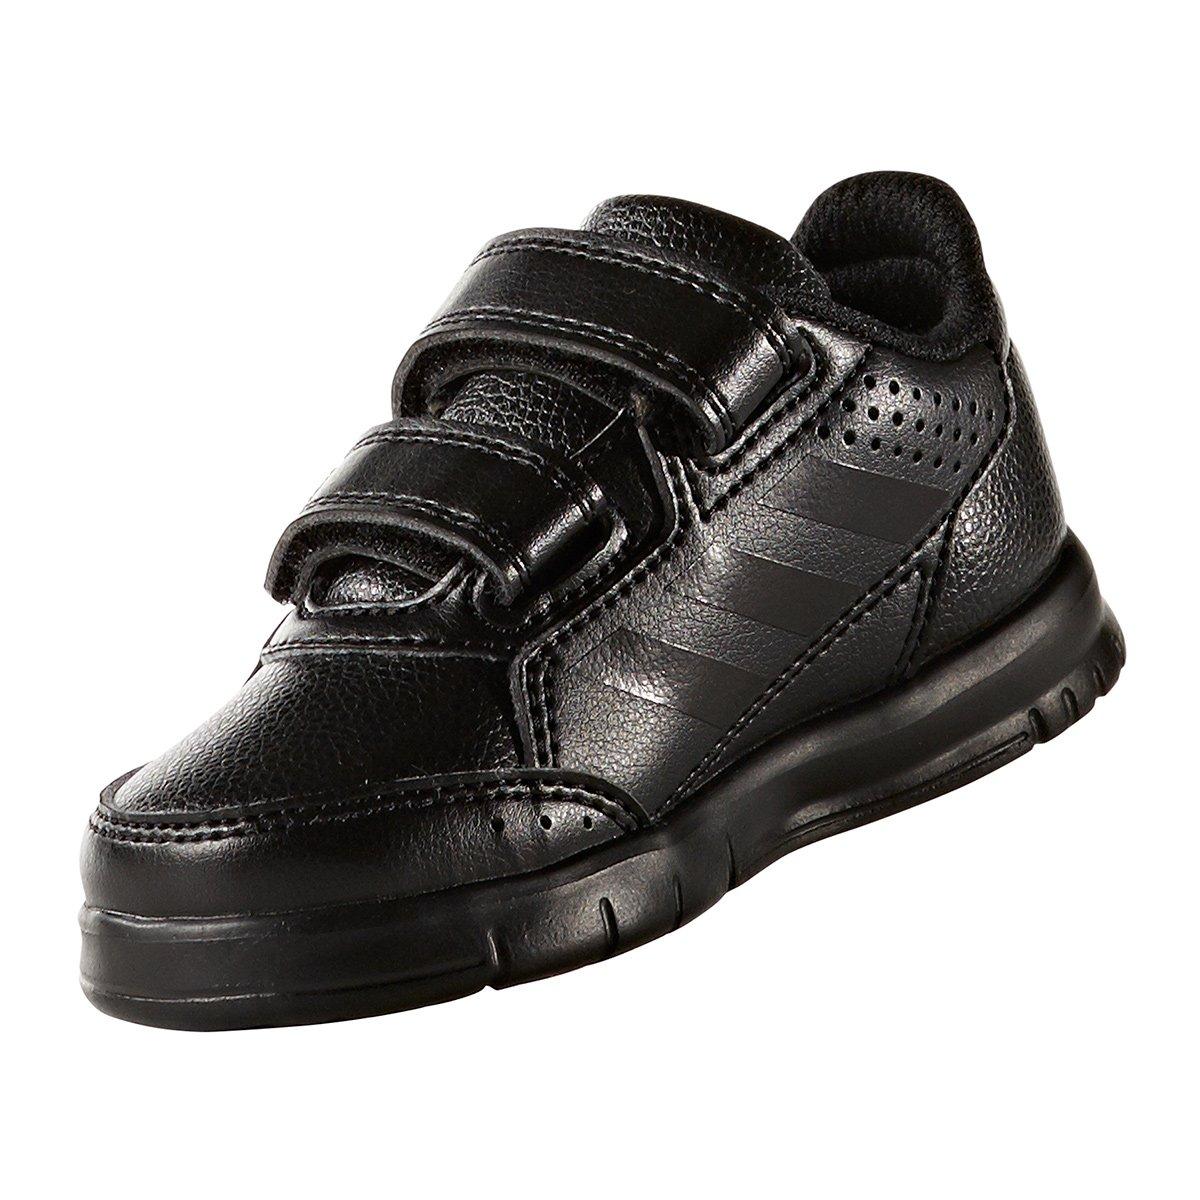 9395715eaec Tênis Infantil Adidas Altasport Cf Velcro - Preto - Compre Agora ...